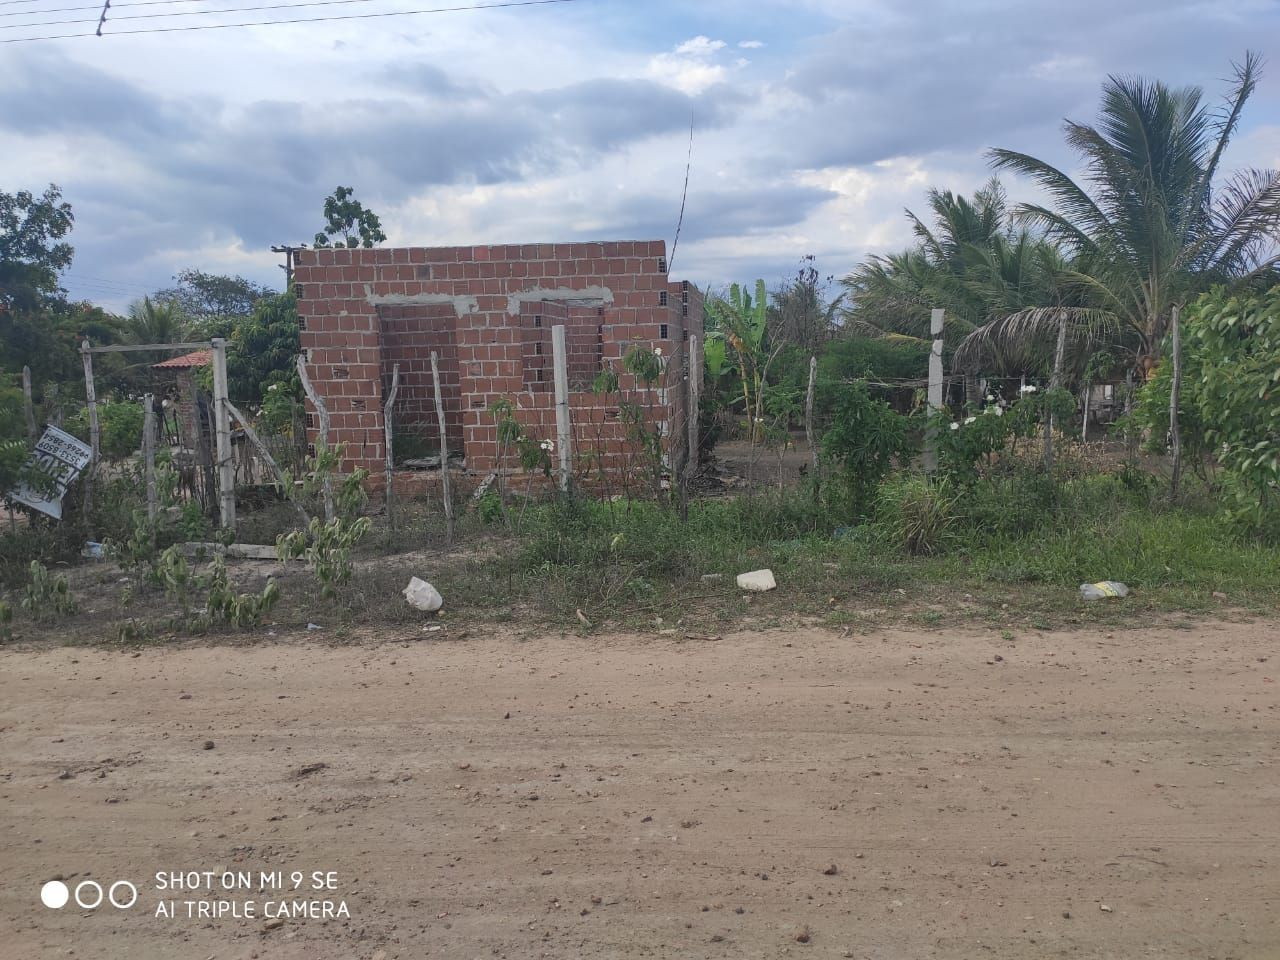 Fazenda/sítio/chácara/haras à venda  no Santa Luzia - Gravatá, PE. Imóveis